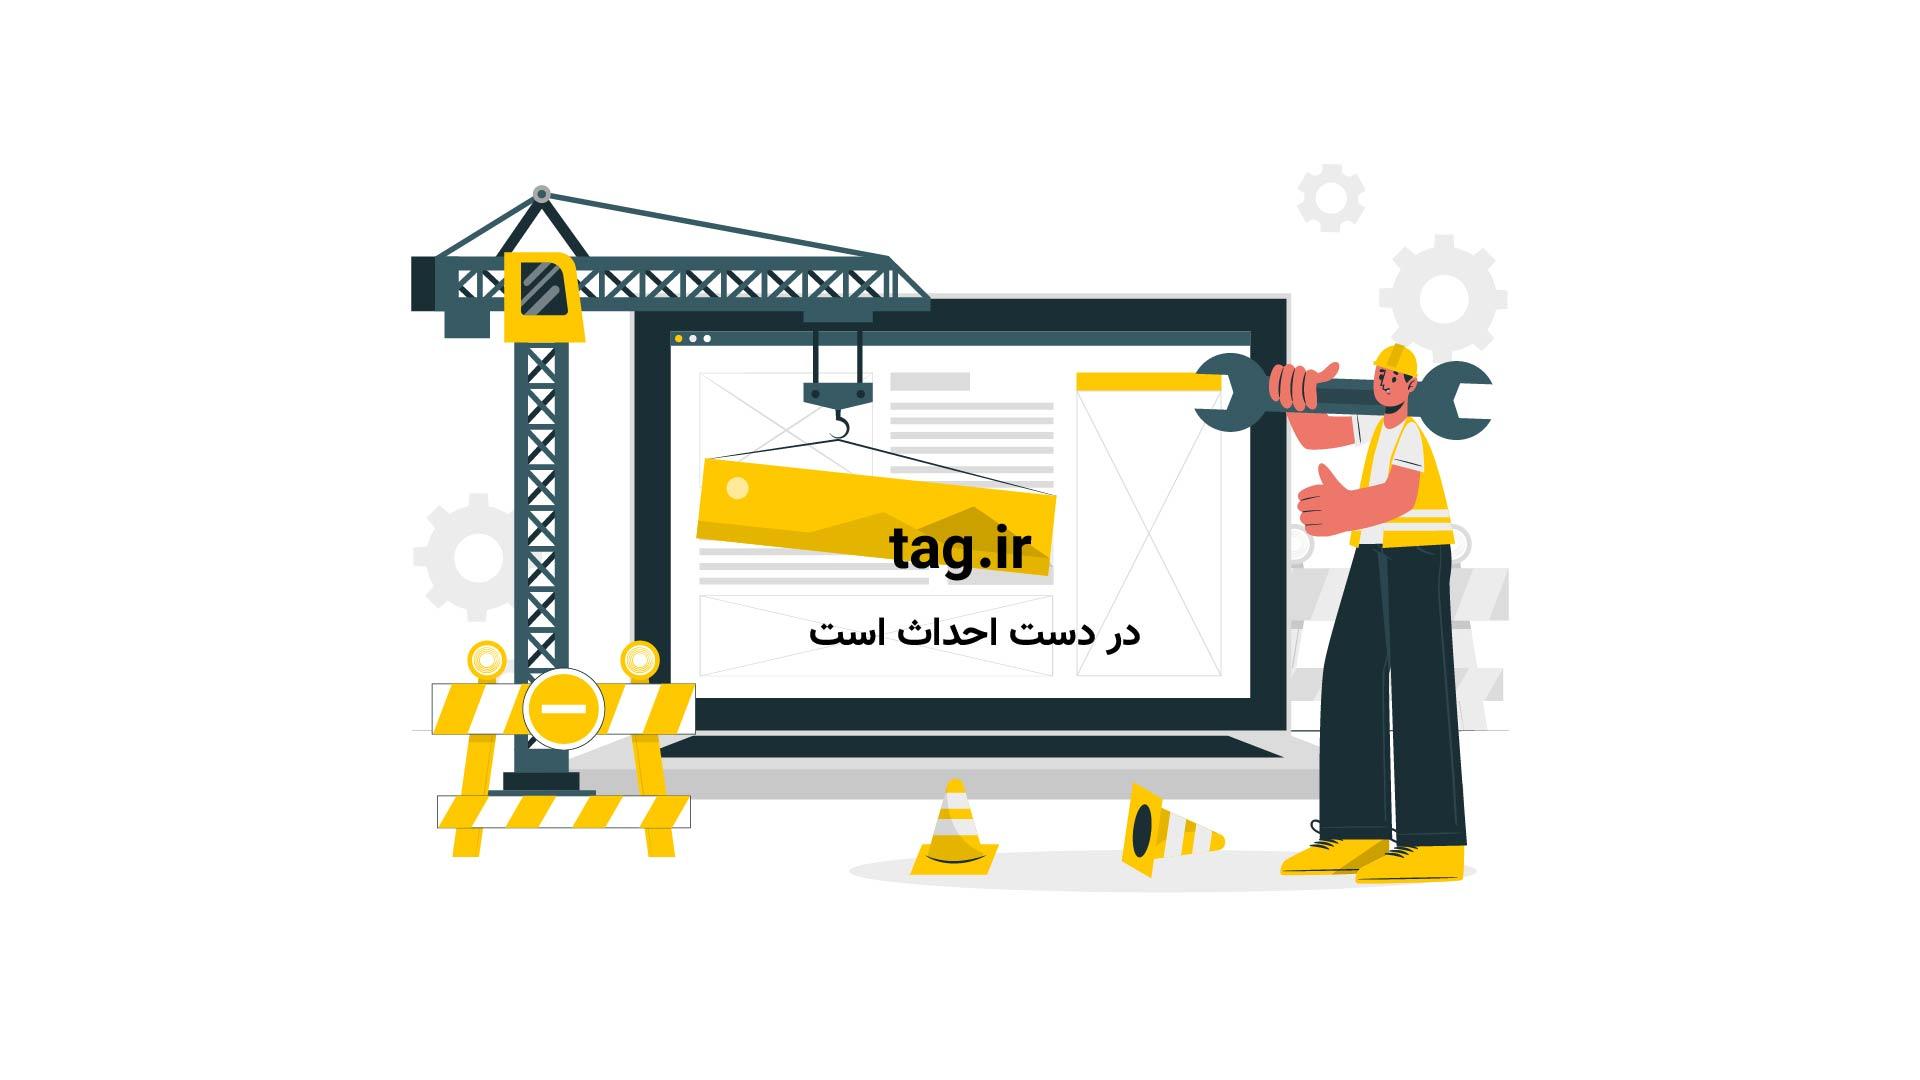 صحبت های رشیدپور در برنامه حالا خورشید به بهانه حمله اخیر به سوریه   فیلم